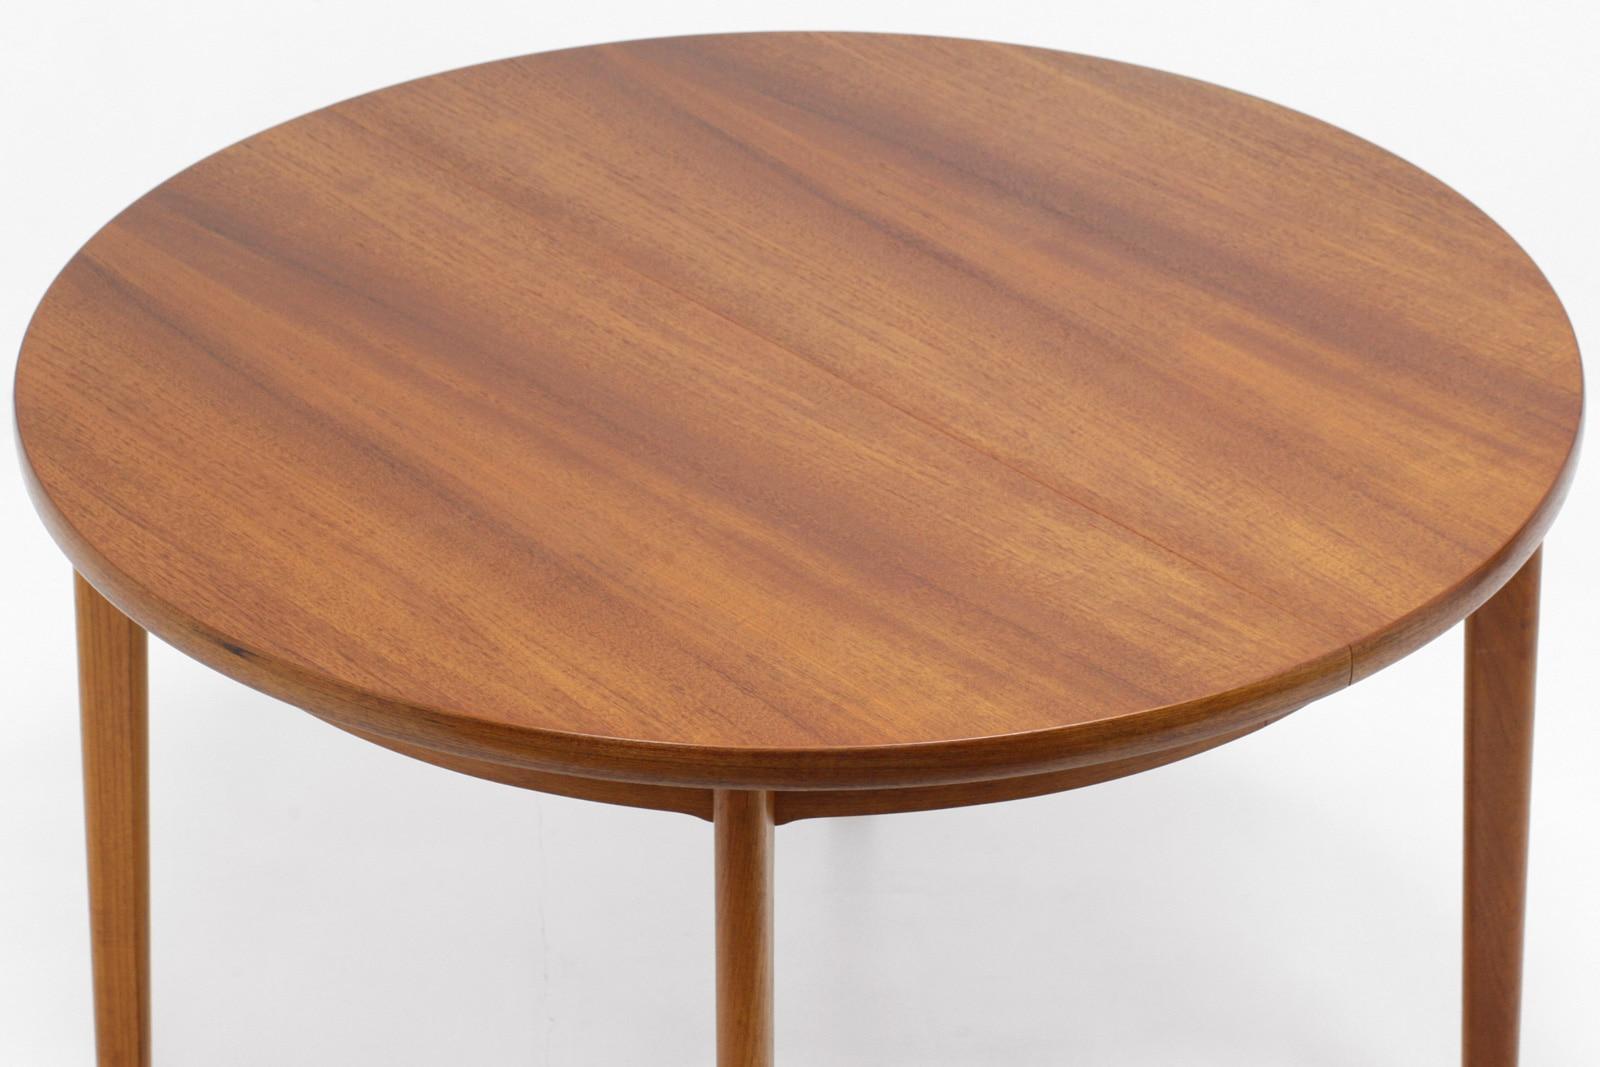 北欧,ヴィンテージ家具,丸型,チーク材,ダイニングテーブル,AM mobler